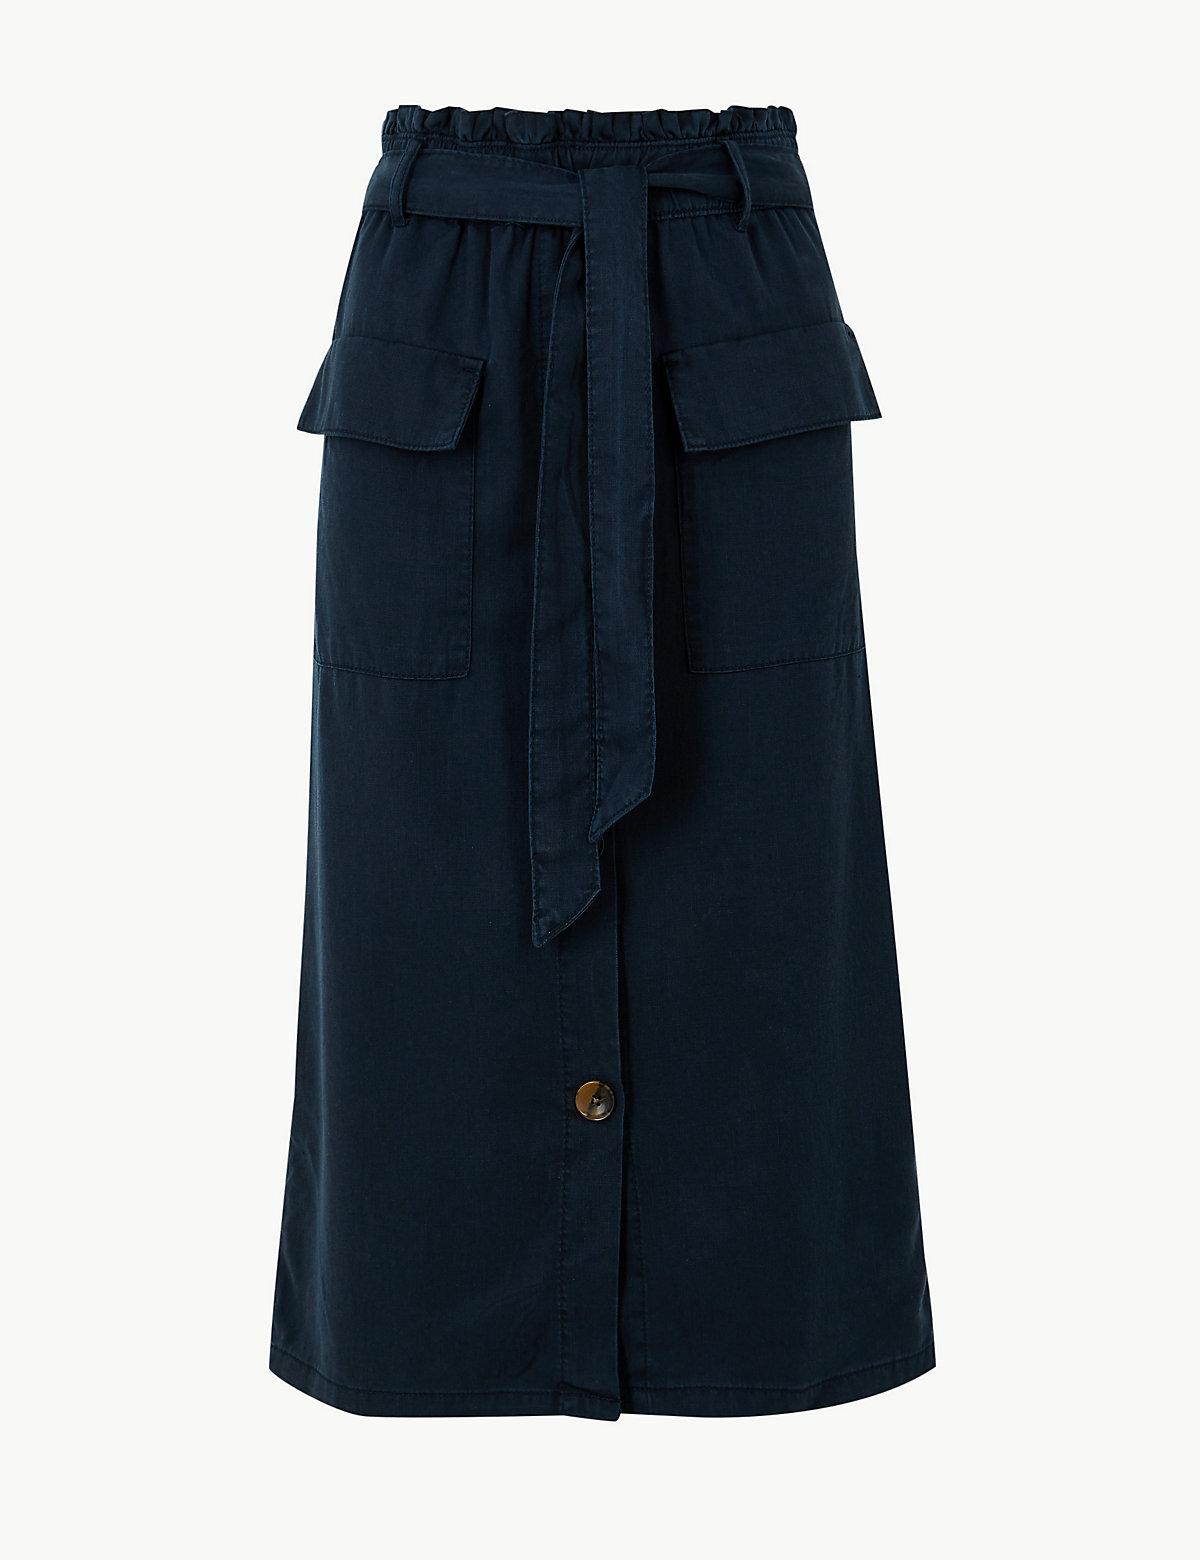 Юбка А-силуэта с широким поясом и большими карманами M&S Collection. Цвет: темно-синий